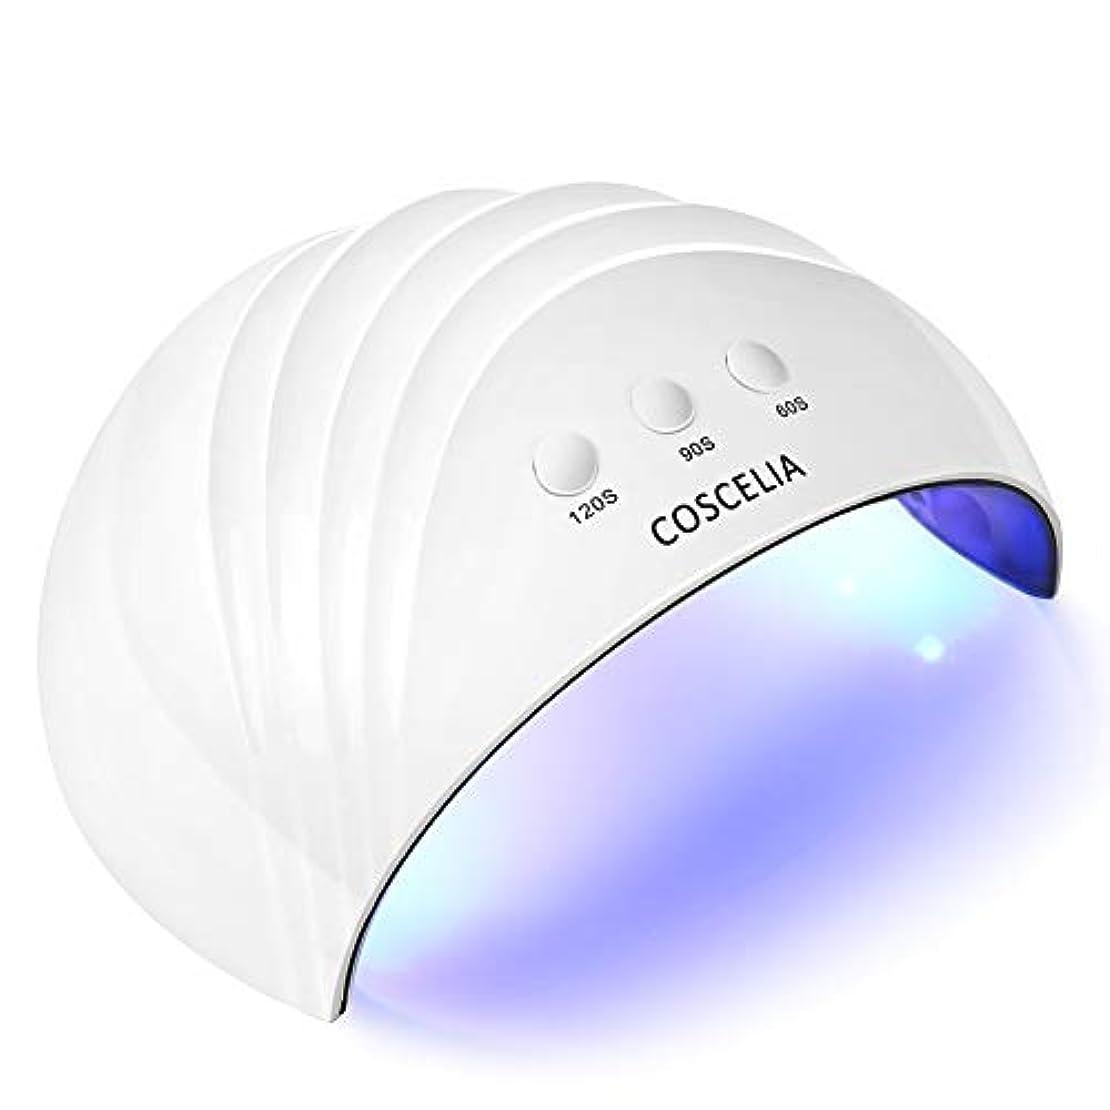 最大限ピッチ老人24W ホワイト ネイルライト 硬化用UV/LEDライト ネイルドライヤー ネイル道具?ケアツール 硬化用ライト マニキュア ネイルアートツール